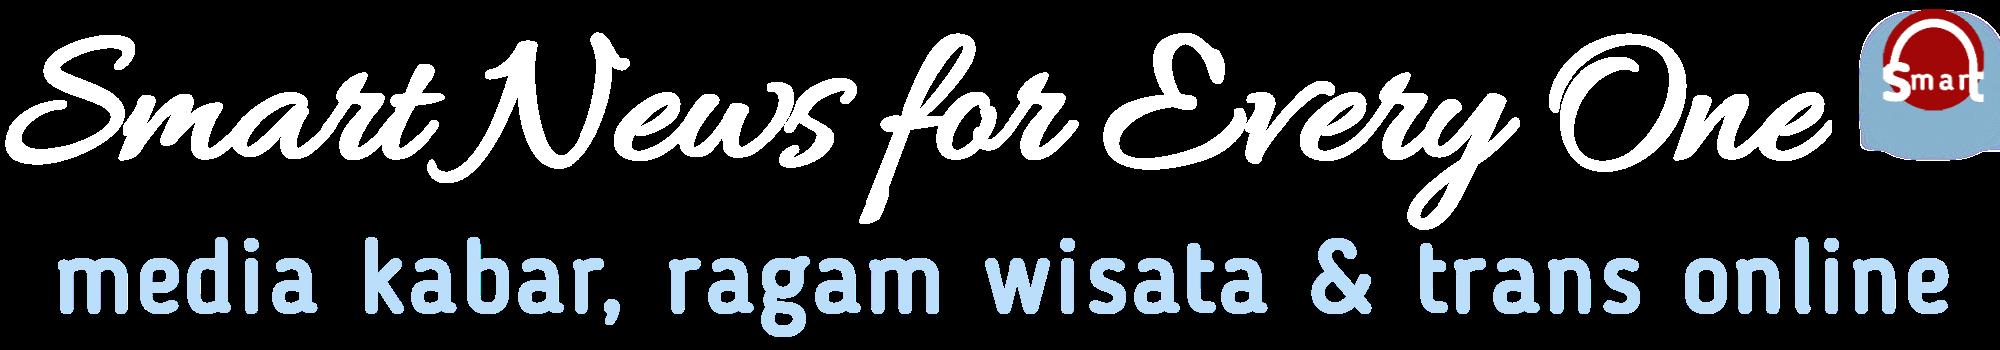 smart tagline